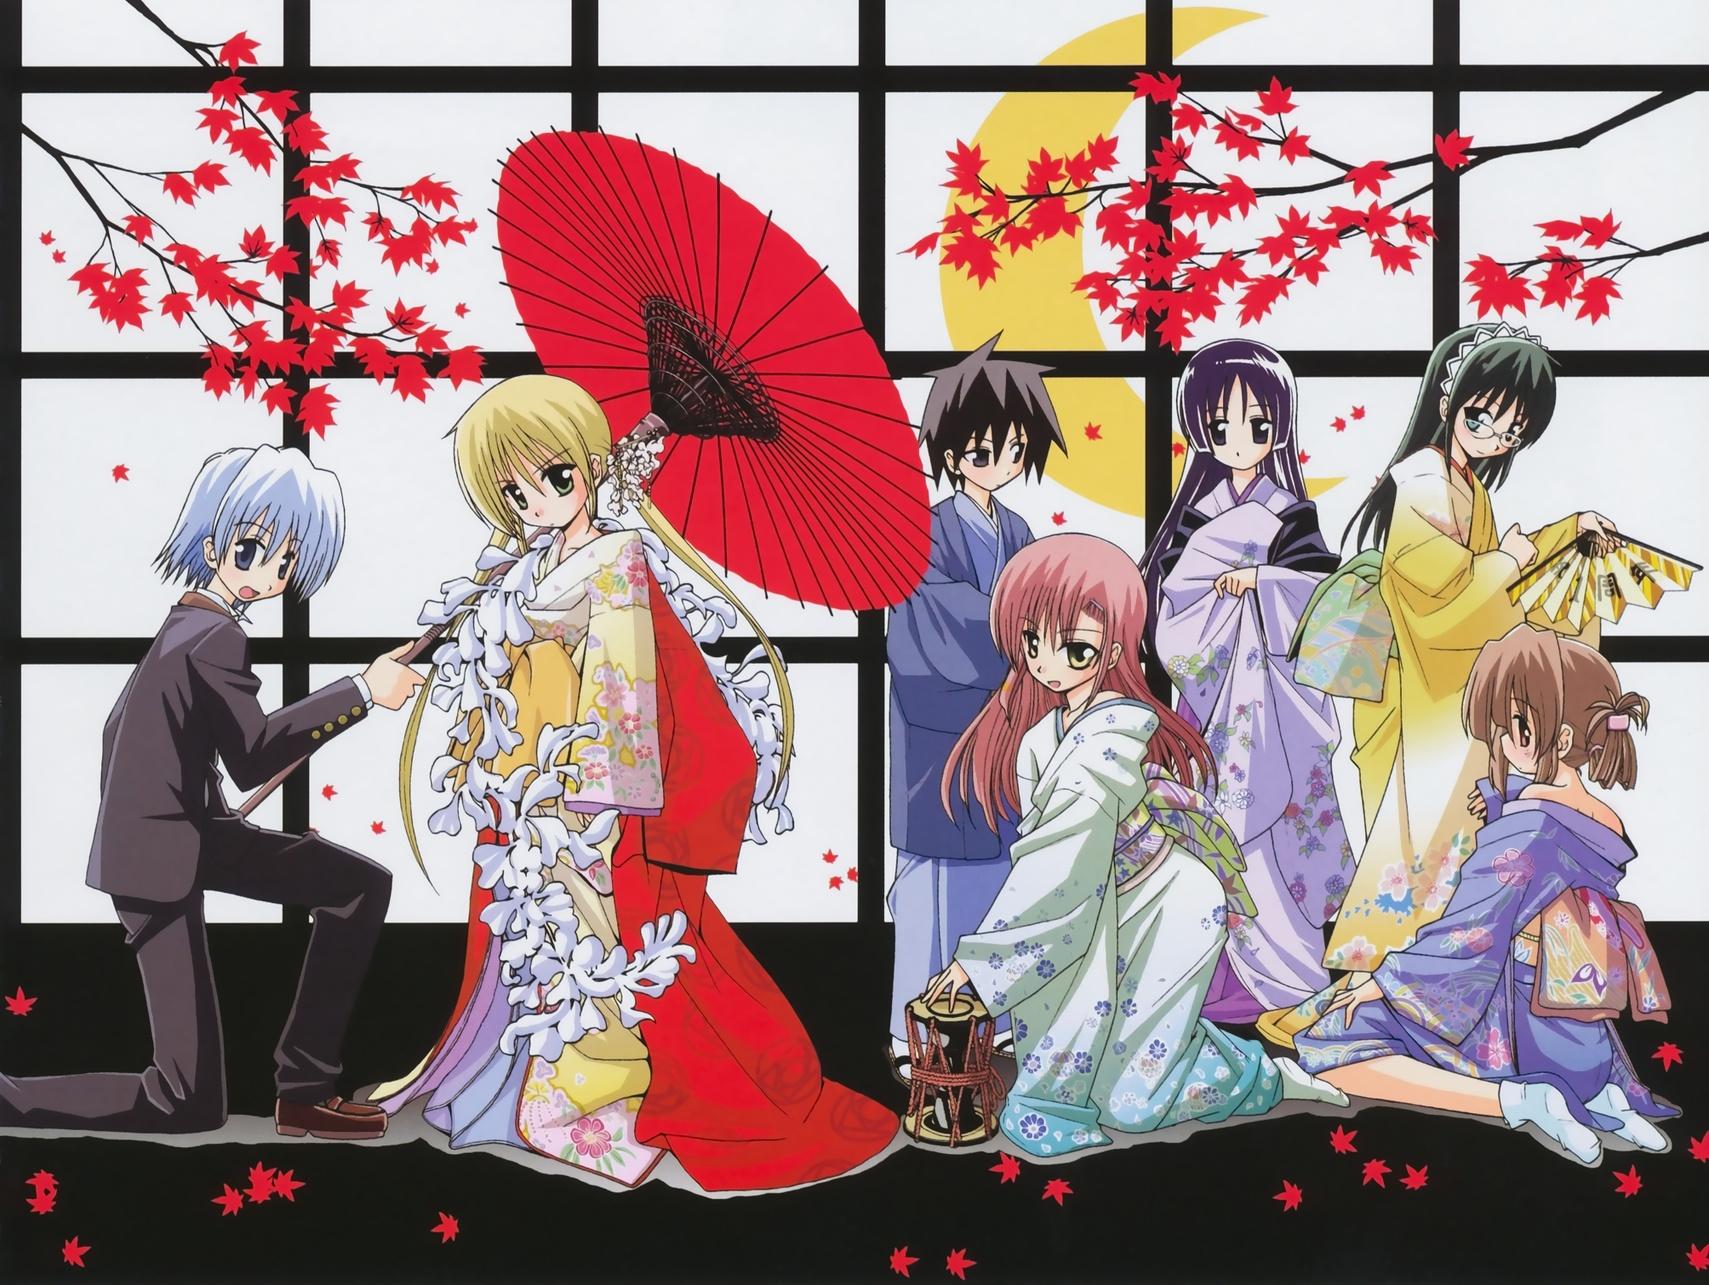 ayasaki_hayate group hata_kenjirou hayate_no_gotoku japanese_clothes katsura_hinagiku kijima_saki kimono male maria_(hayate_no_gotoku) saginomiya_isumi sanzenin_nagi tachibana_wataru